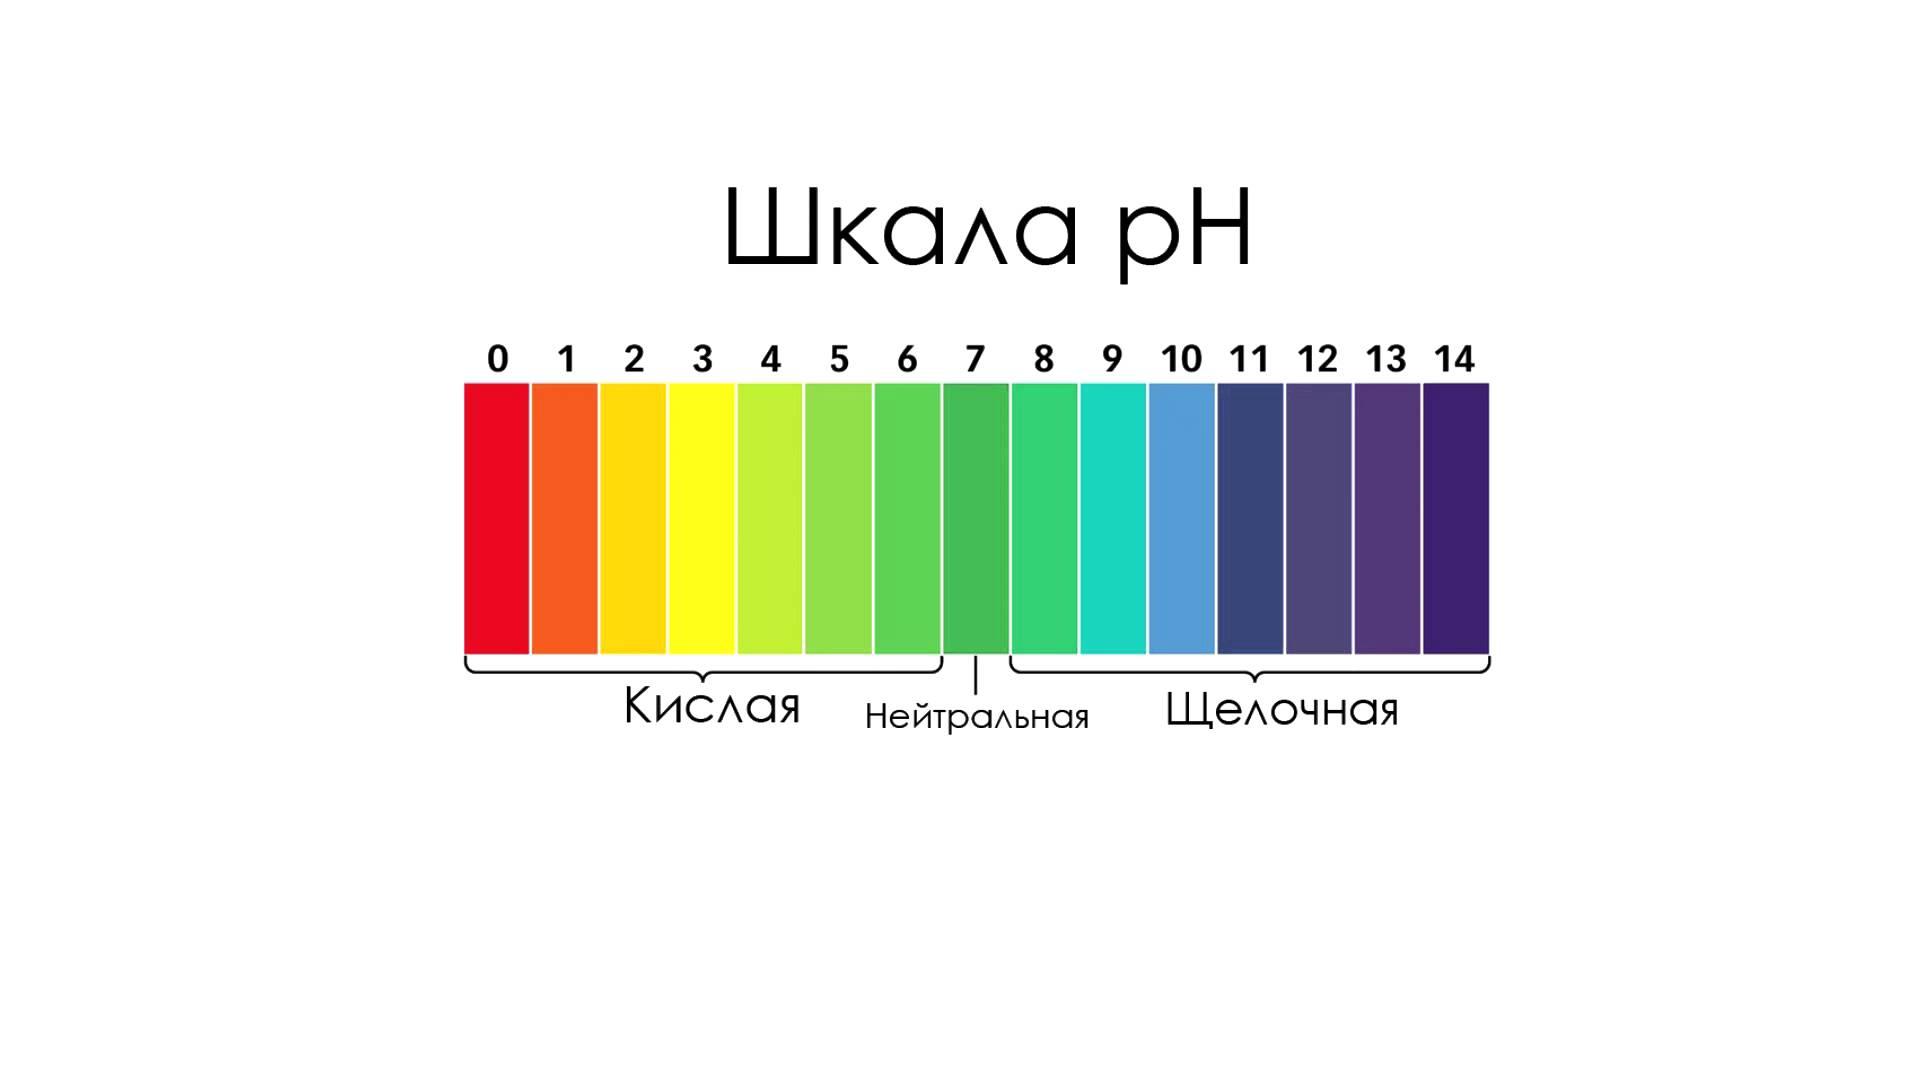 Нормальная кислотность желудка: сколько равен ph